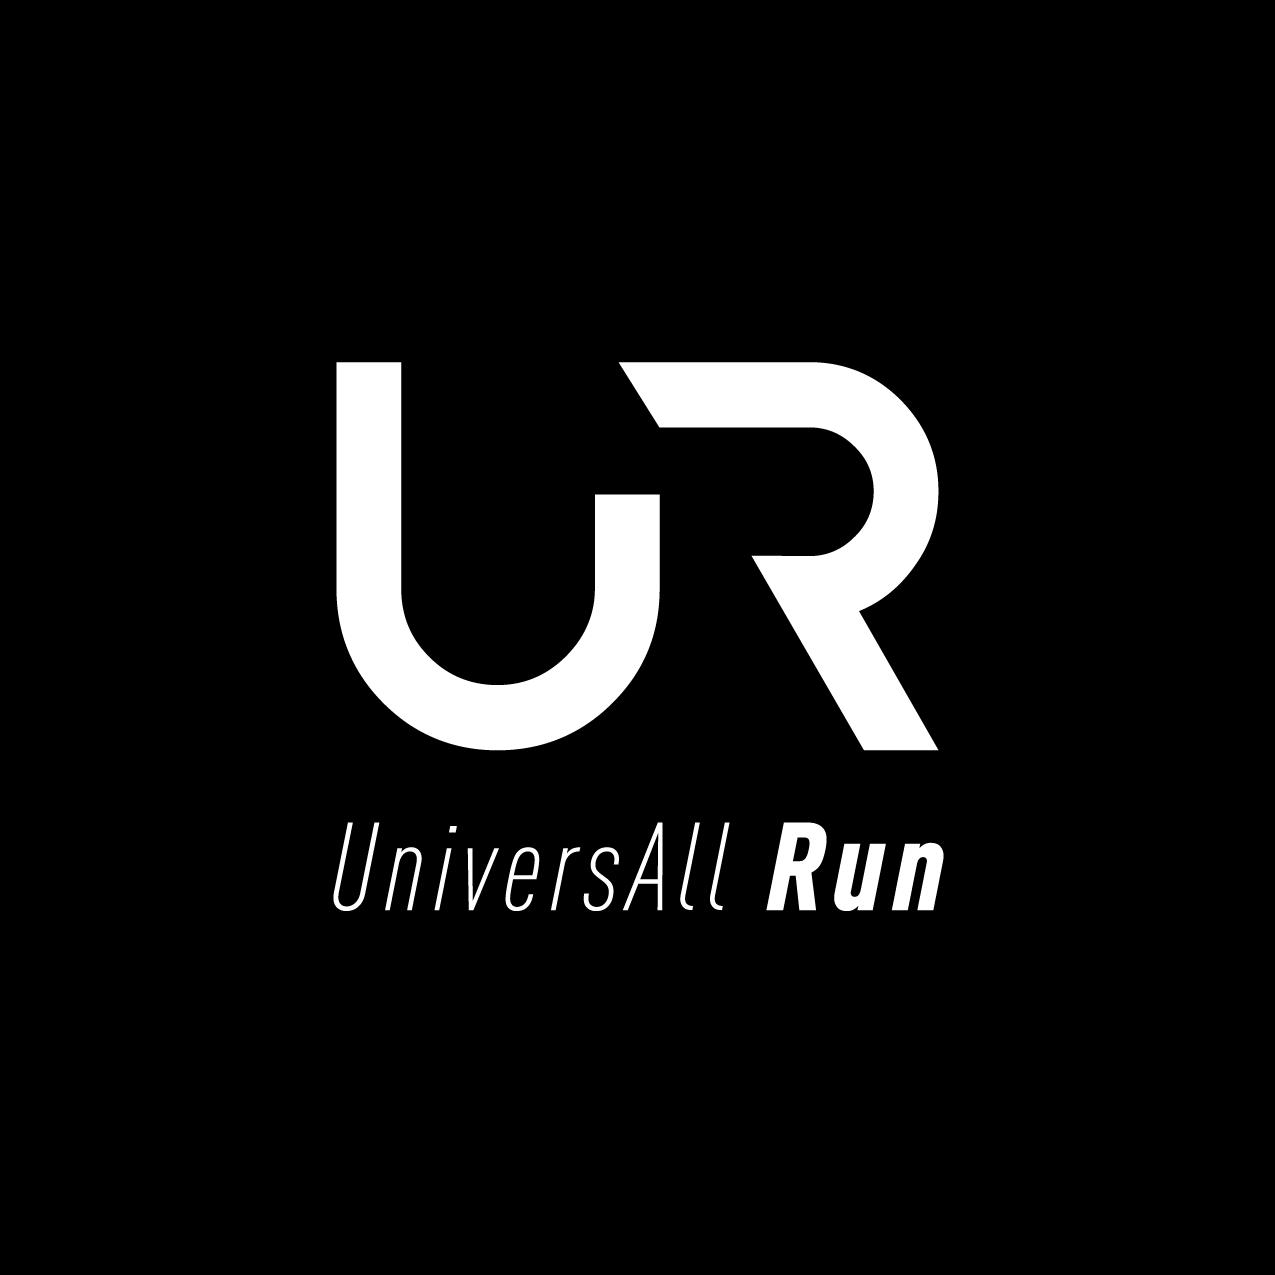 universal run